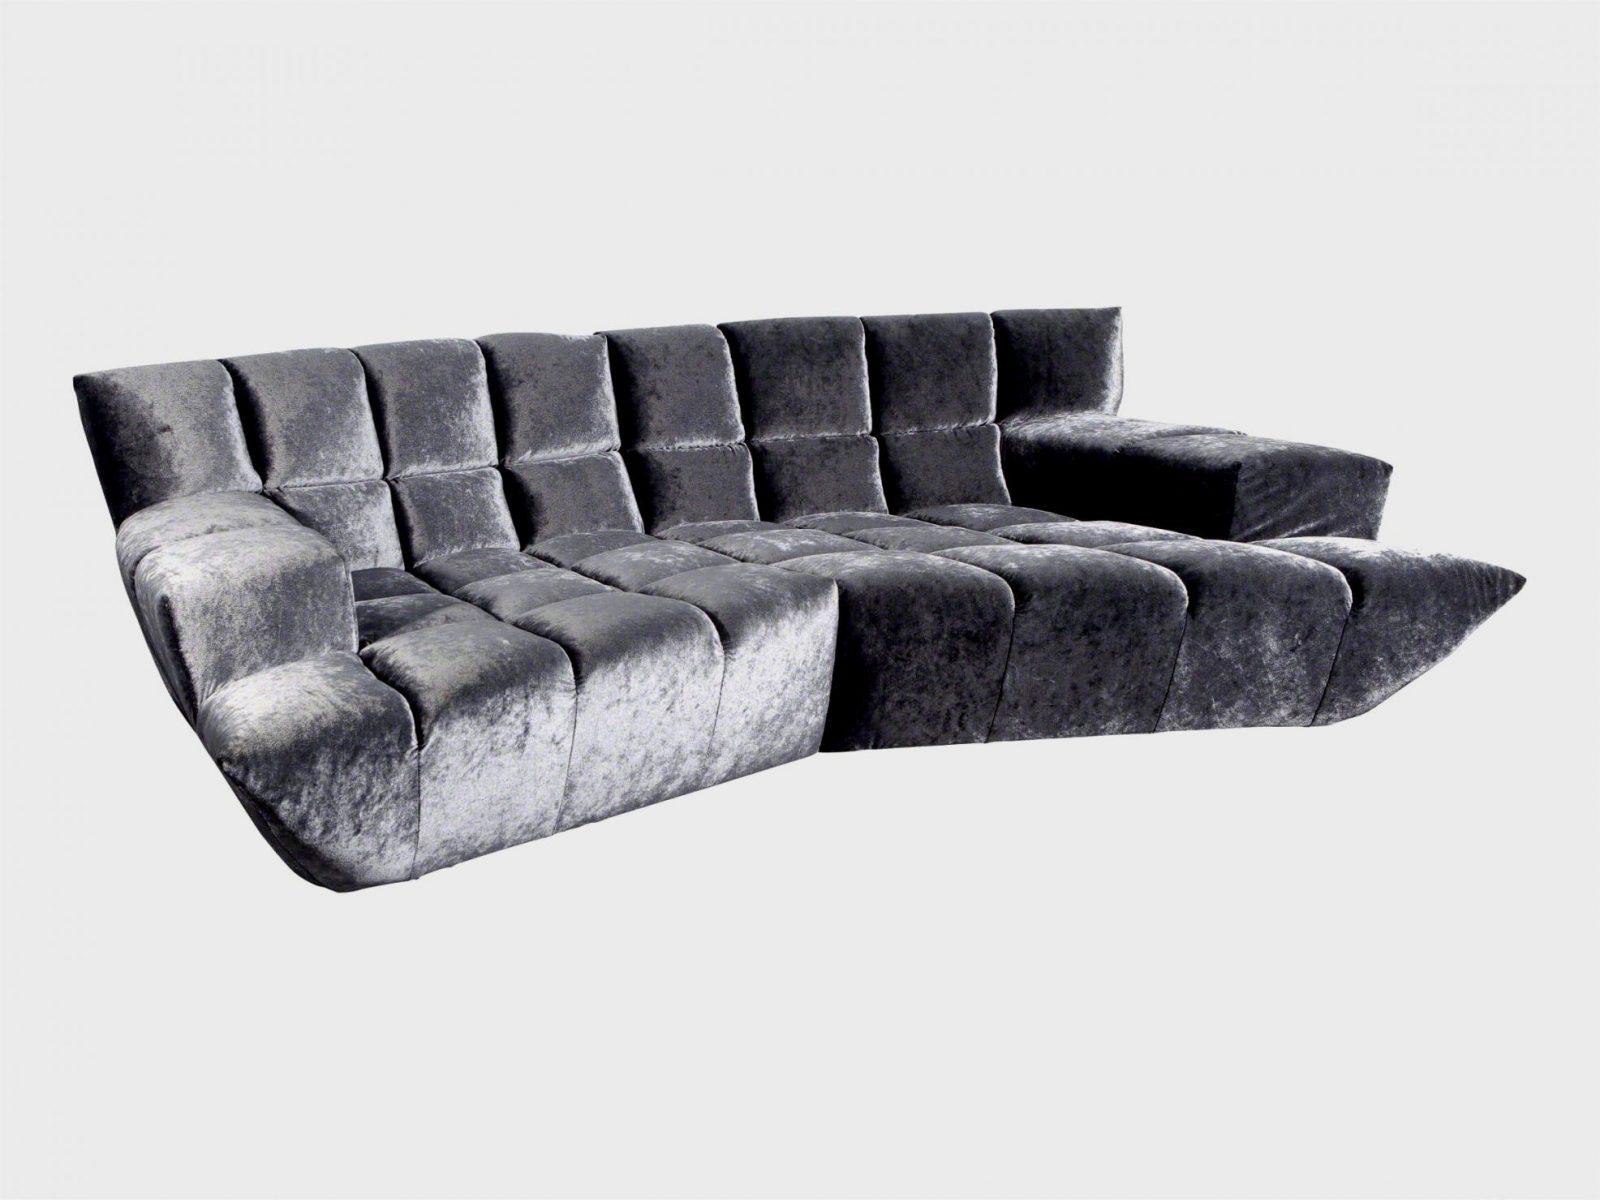 Beste Couch Auf Rechnung Bestellen Sofa Inspirational Mbel Raten von Sofa Auf Rechnung Als Neukunde Photo